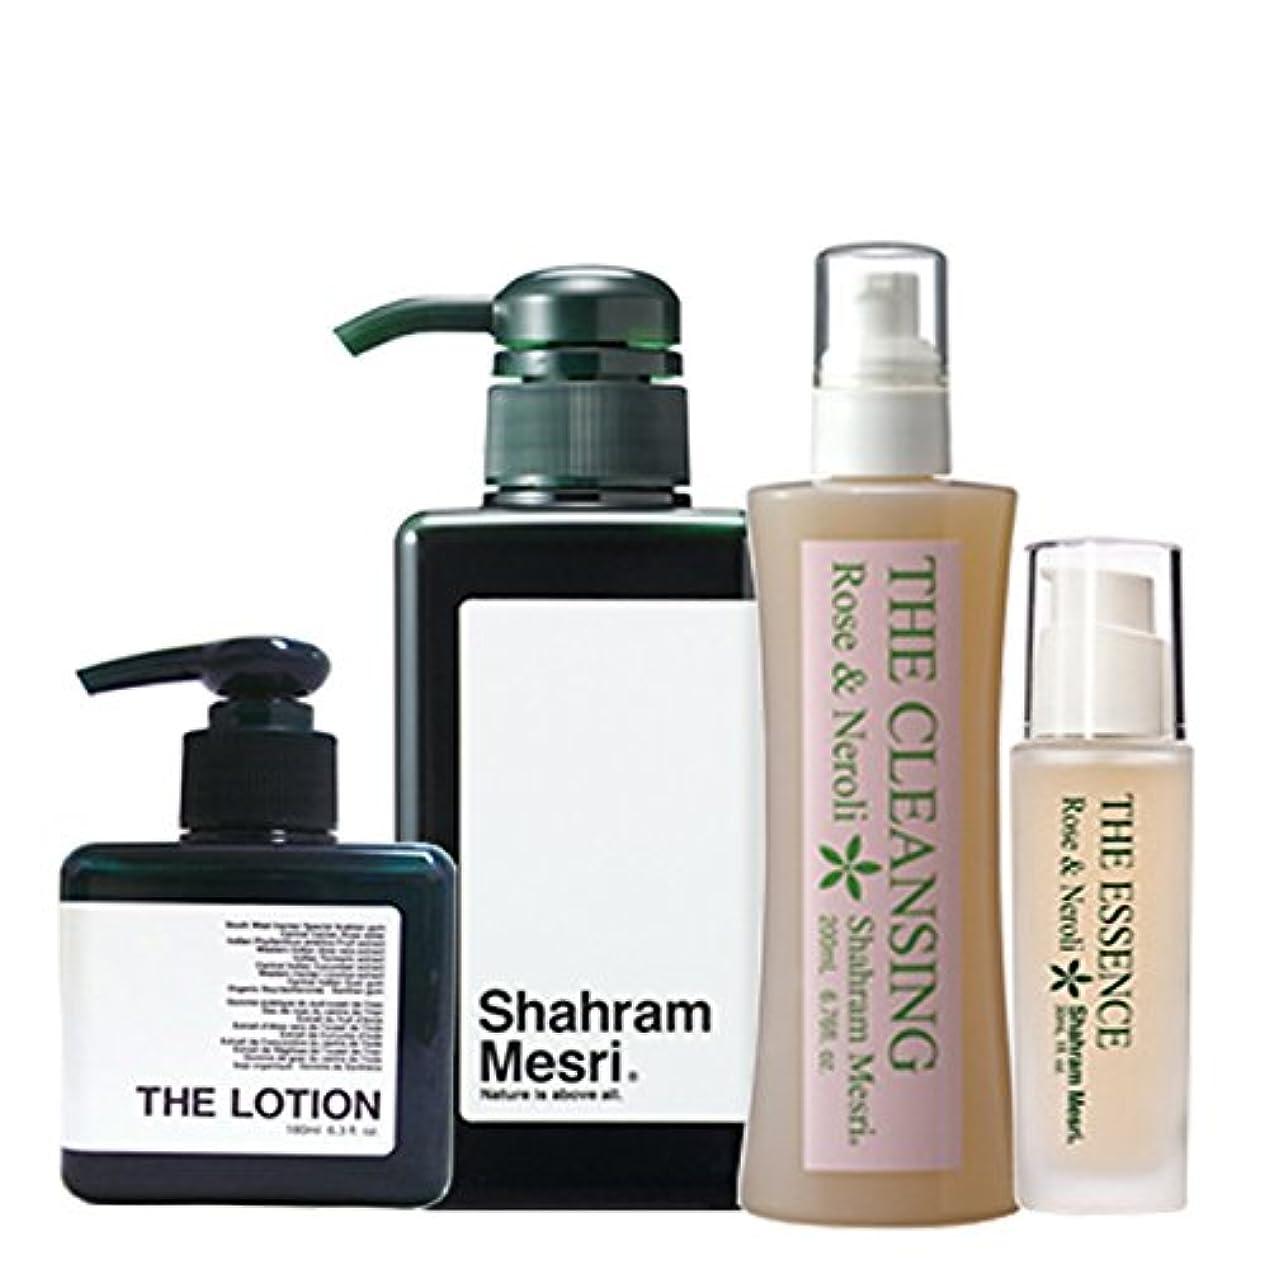 治す救出精度Shahram Mesri パーフェクトセット シャハランメスリ ザ?シャンプー ザ?ローション ザ?クレンジング ザ?エッセンス のセットです。 お化粧落としからシャンプーそしてローションエッセンスの仕上げまで お試しください。